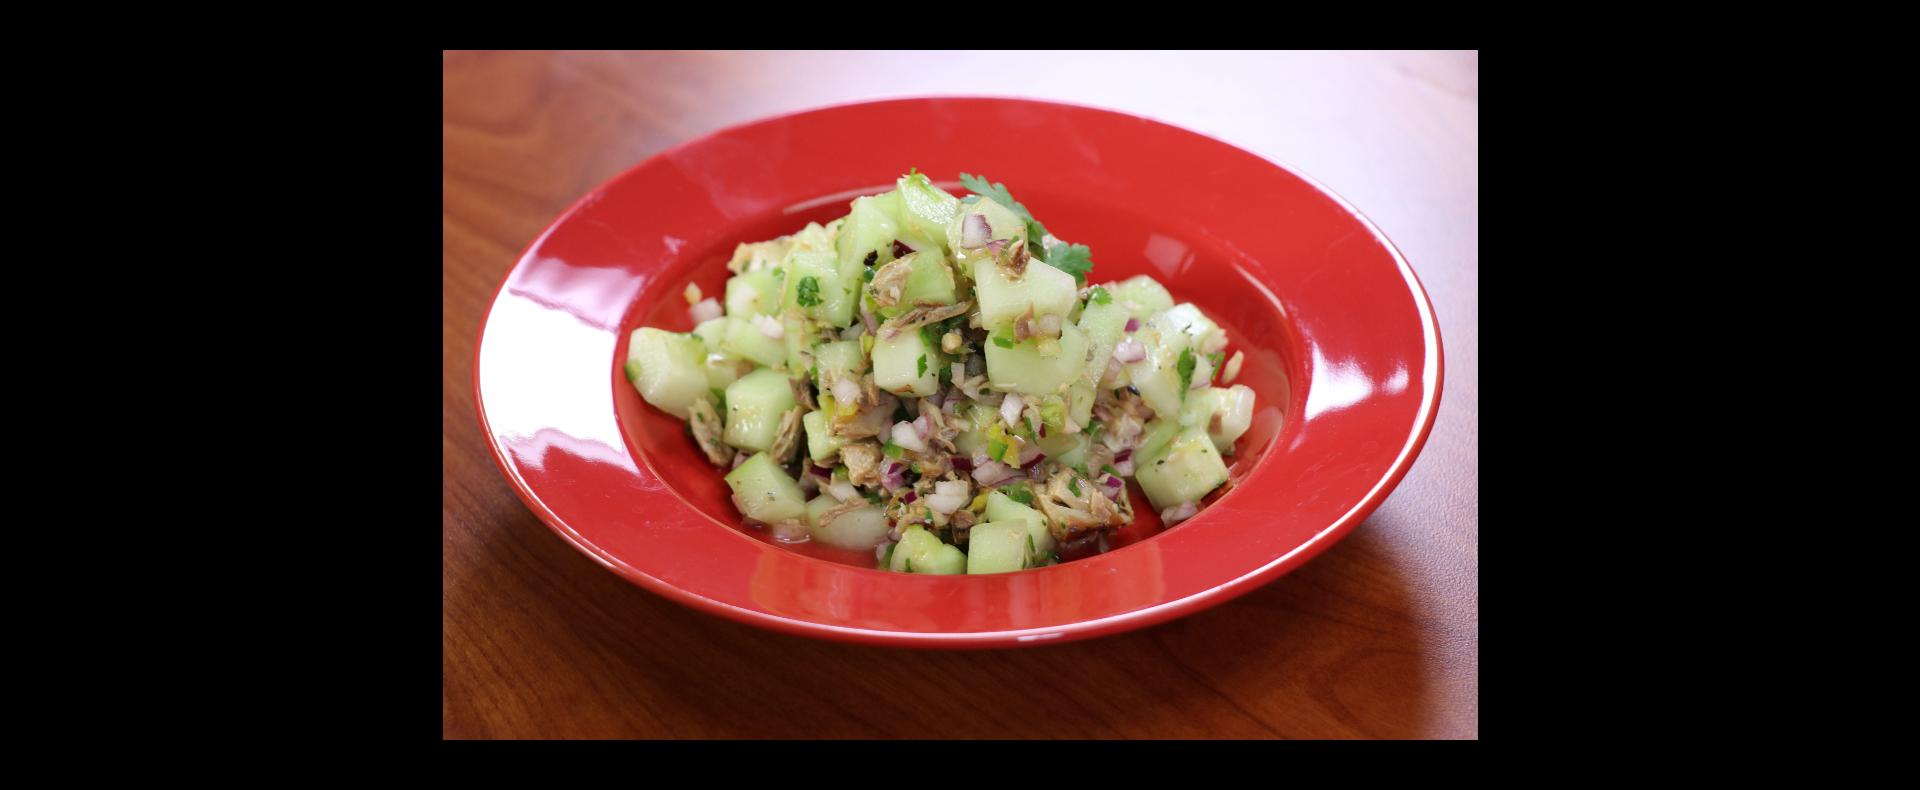 Grace Spicy Cucumber and Premium Mackerel Salad